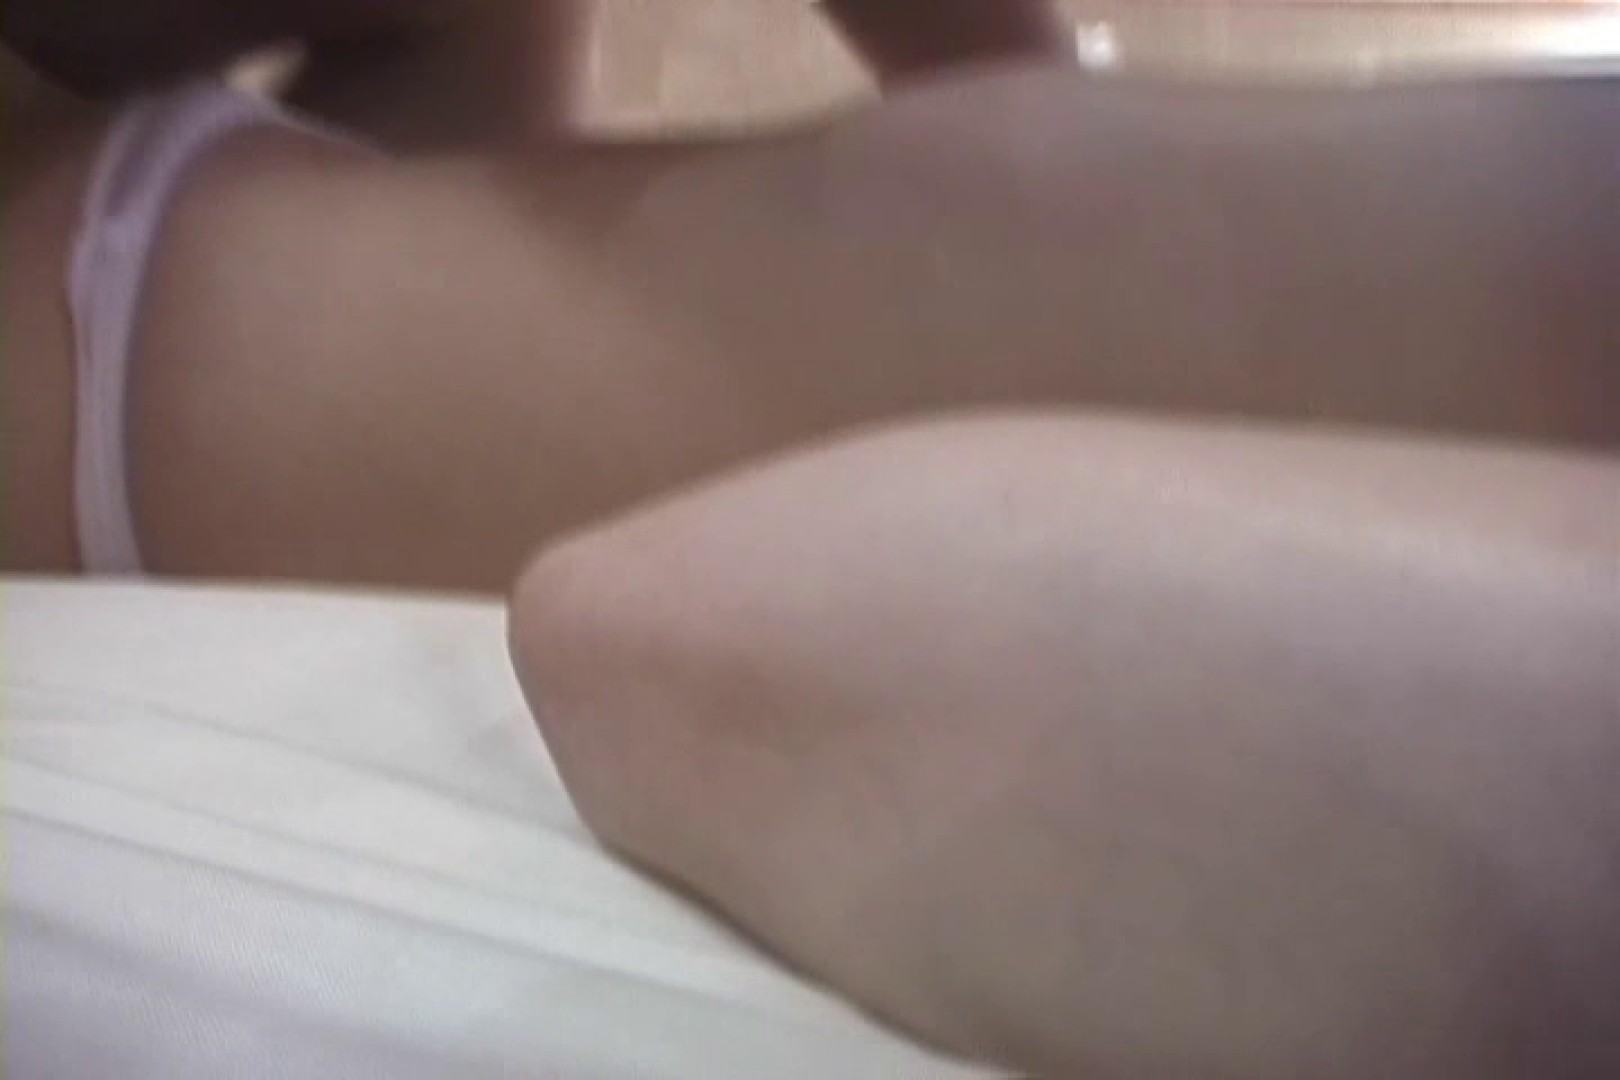 若人妻は静かに濡れる~藤本あずさ~ 電マ | Hな人妻  62pic 25